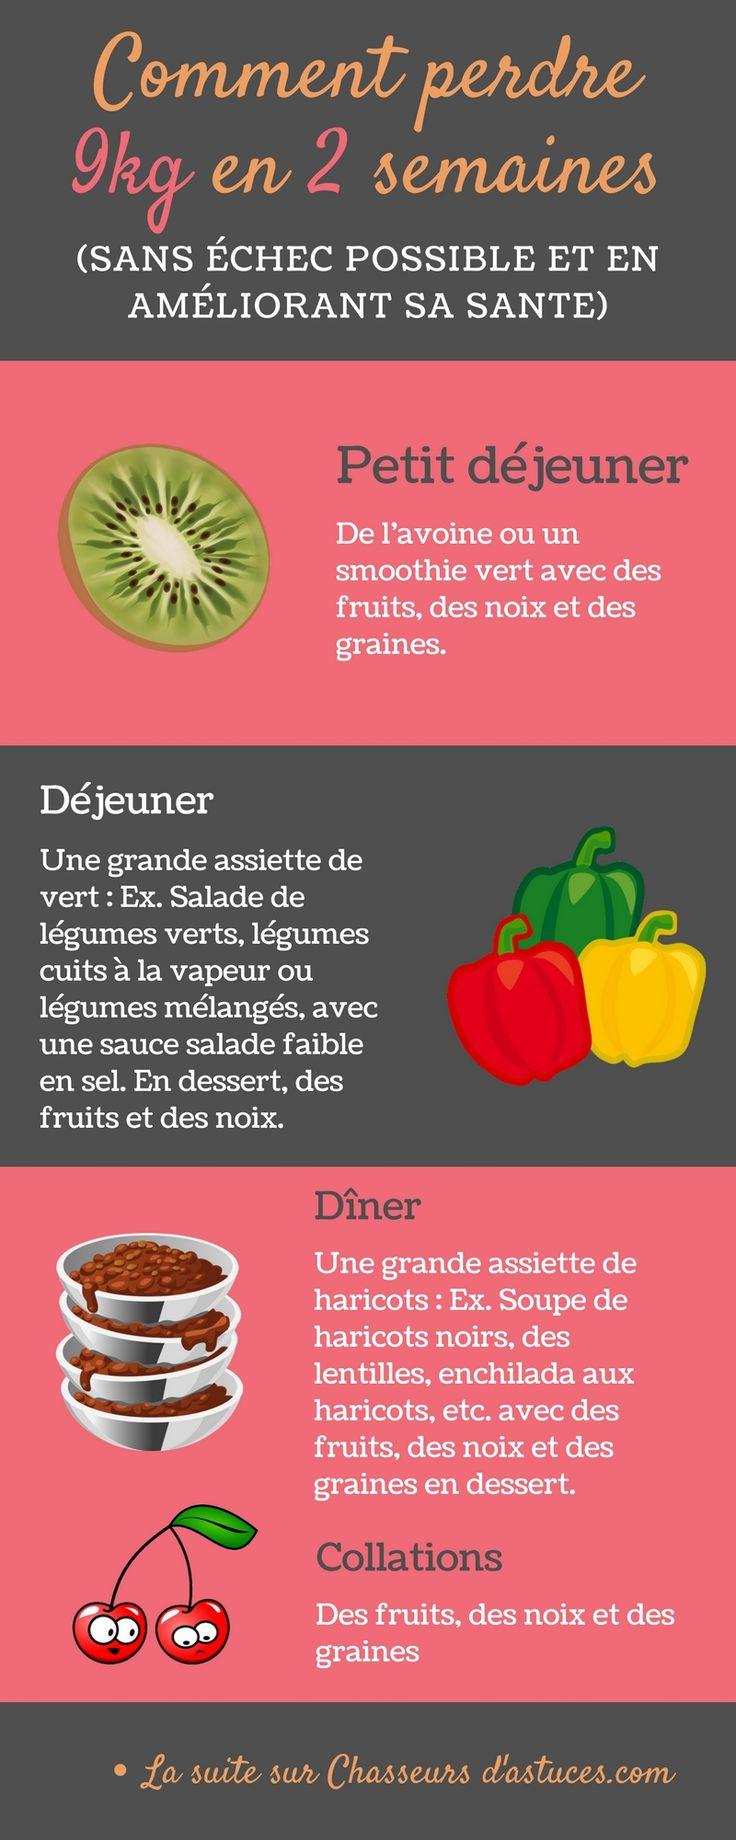 Récemment, j'ai trouvé un guide nutritionnel qui peut vous aider à perdre rapidement du poids si vous le souhaitez. Ce guide peut vous aider à perdre jusqu'à 9 kg en 2 semaines, sans compter les calories ou diminuer les portions.  Pour faire simple, je vous propose de perdre du poids rapidement tout en étant en bonne santé.